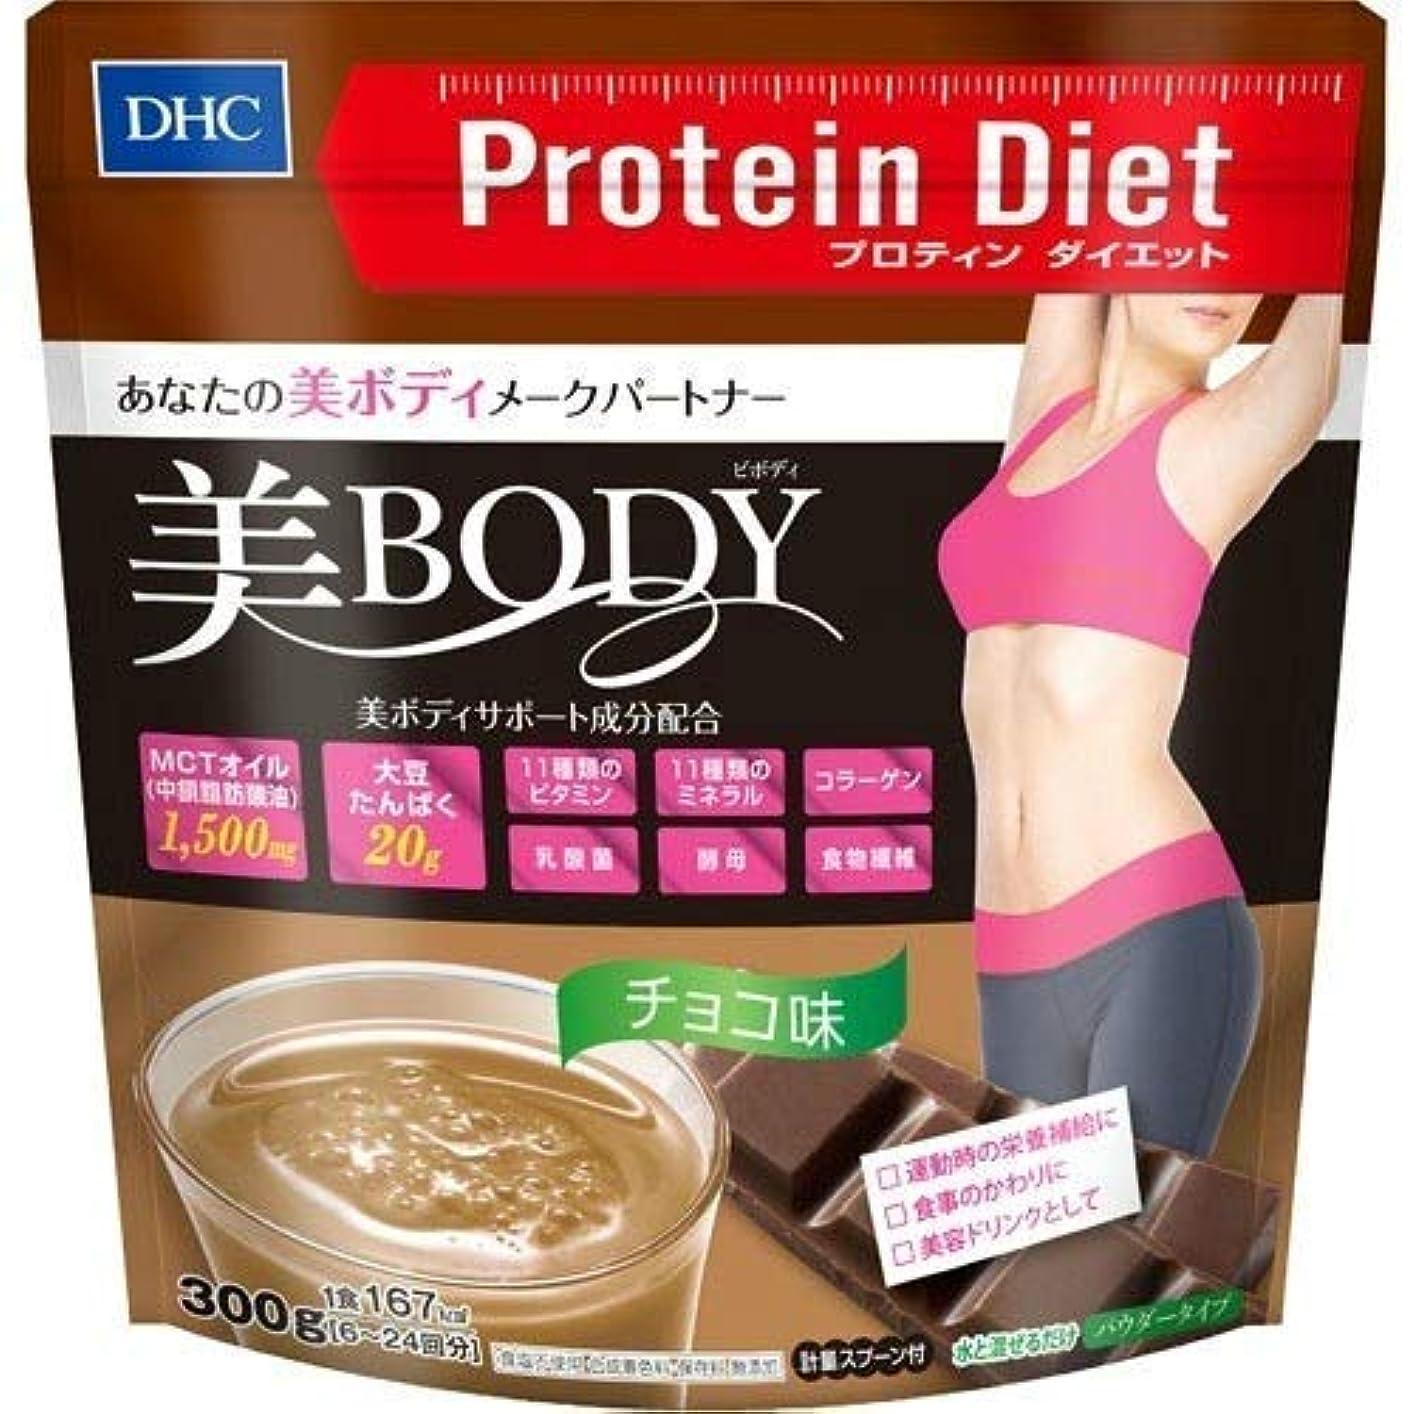 忠実なシンプルな和解するDHC プロテインダイエット 美Body チョコ味 300g×2個